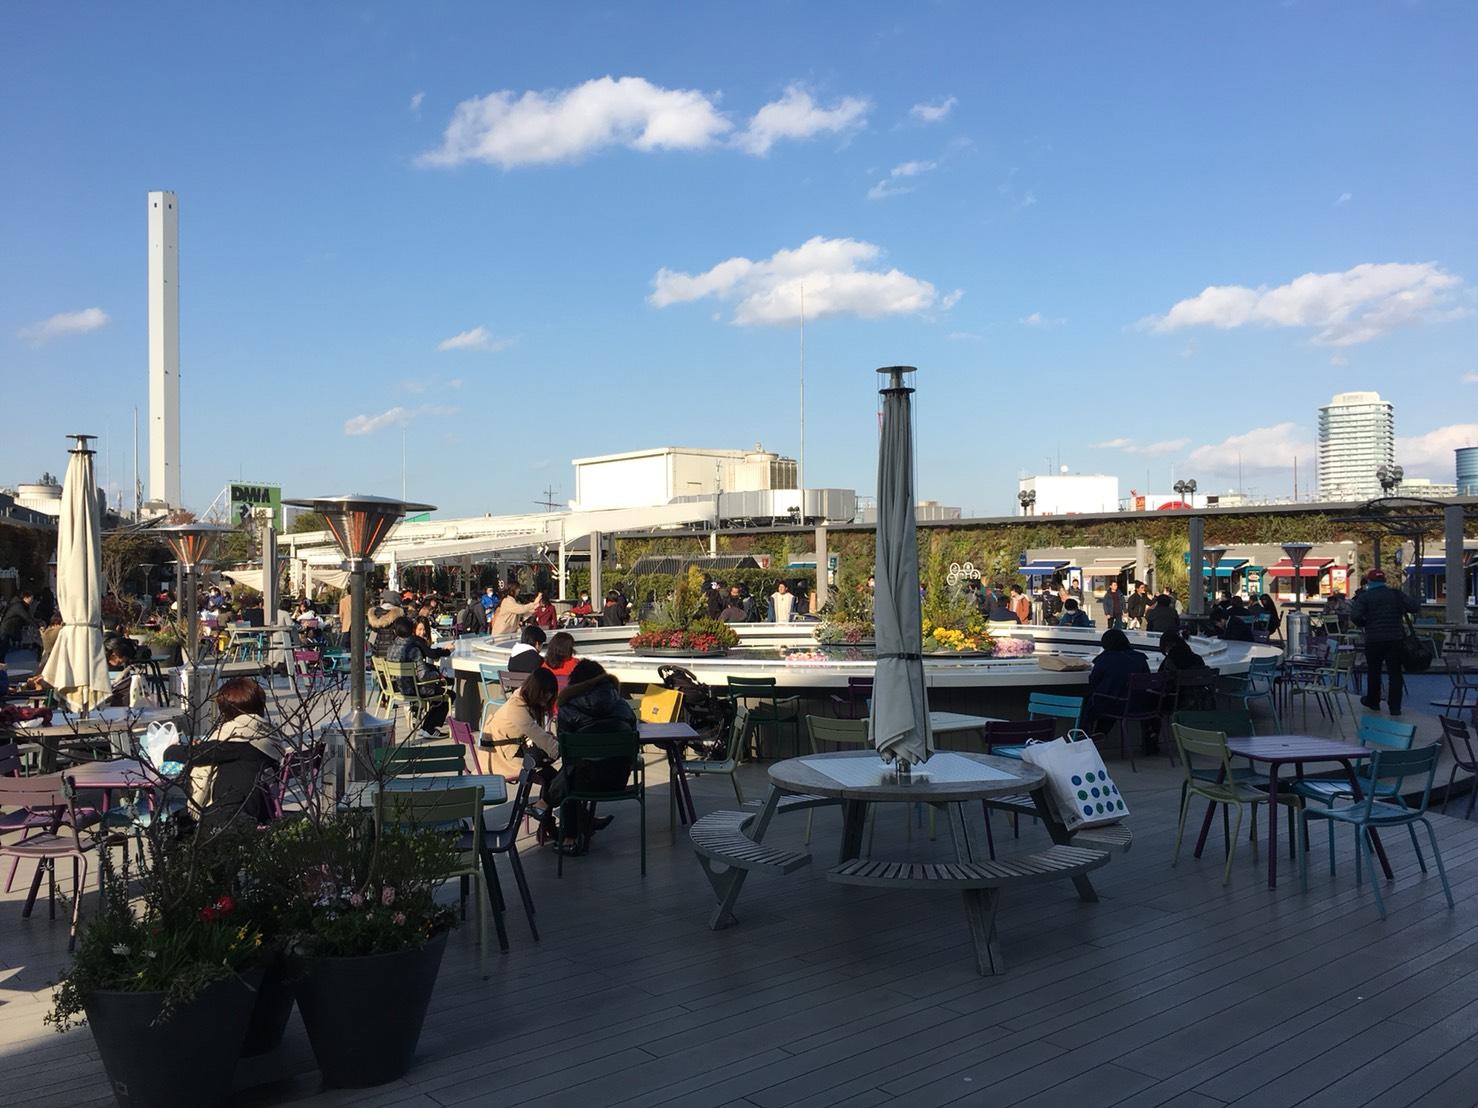 【池袋駅】「西武池袋本店の空中庭園」で青空の下ポカポカ休憩。知らなきゃ損の秘密の場所。